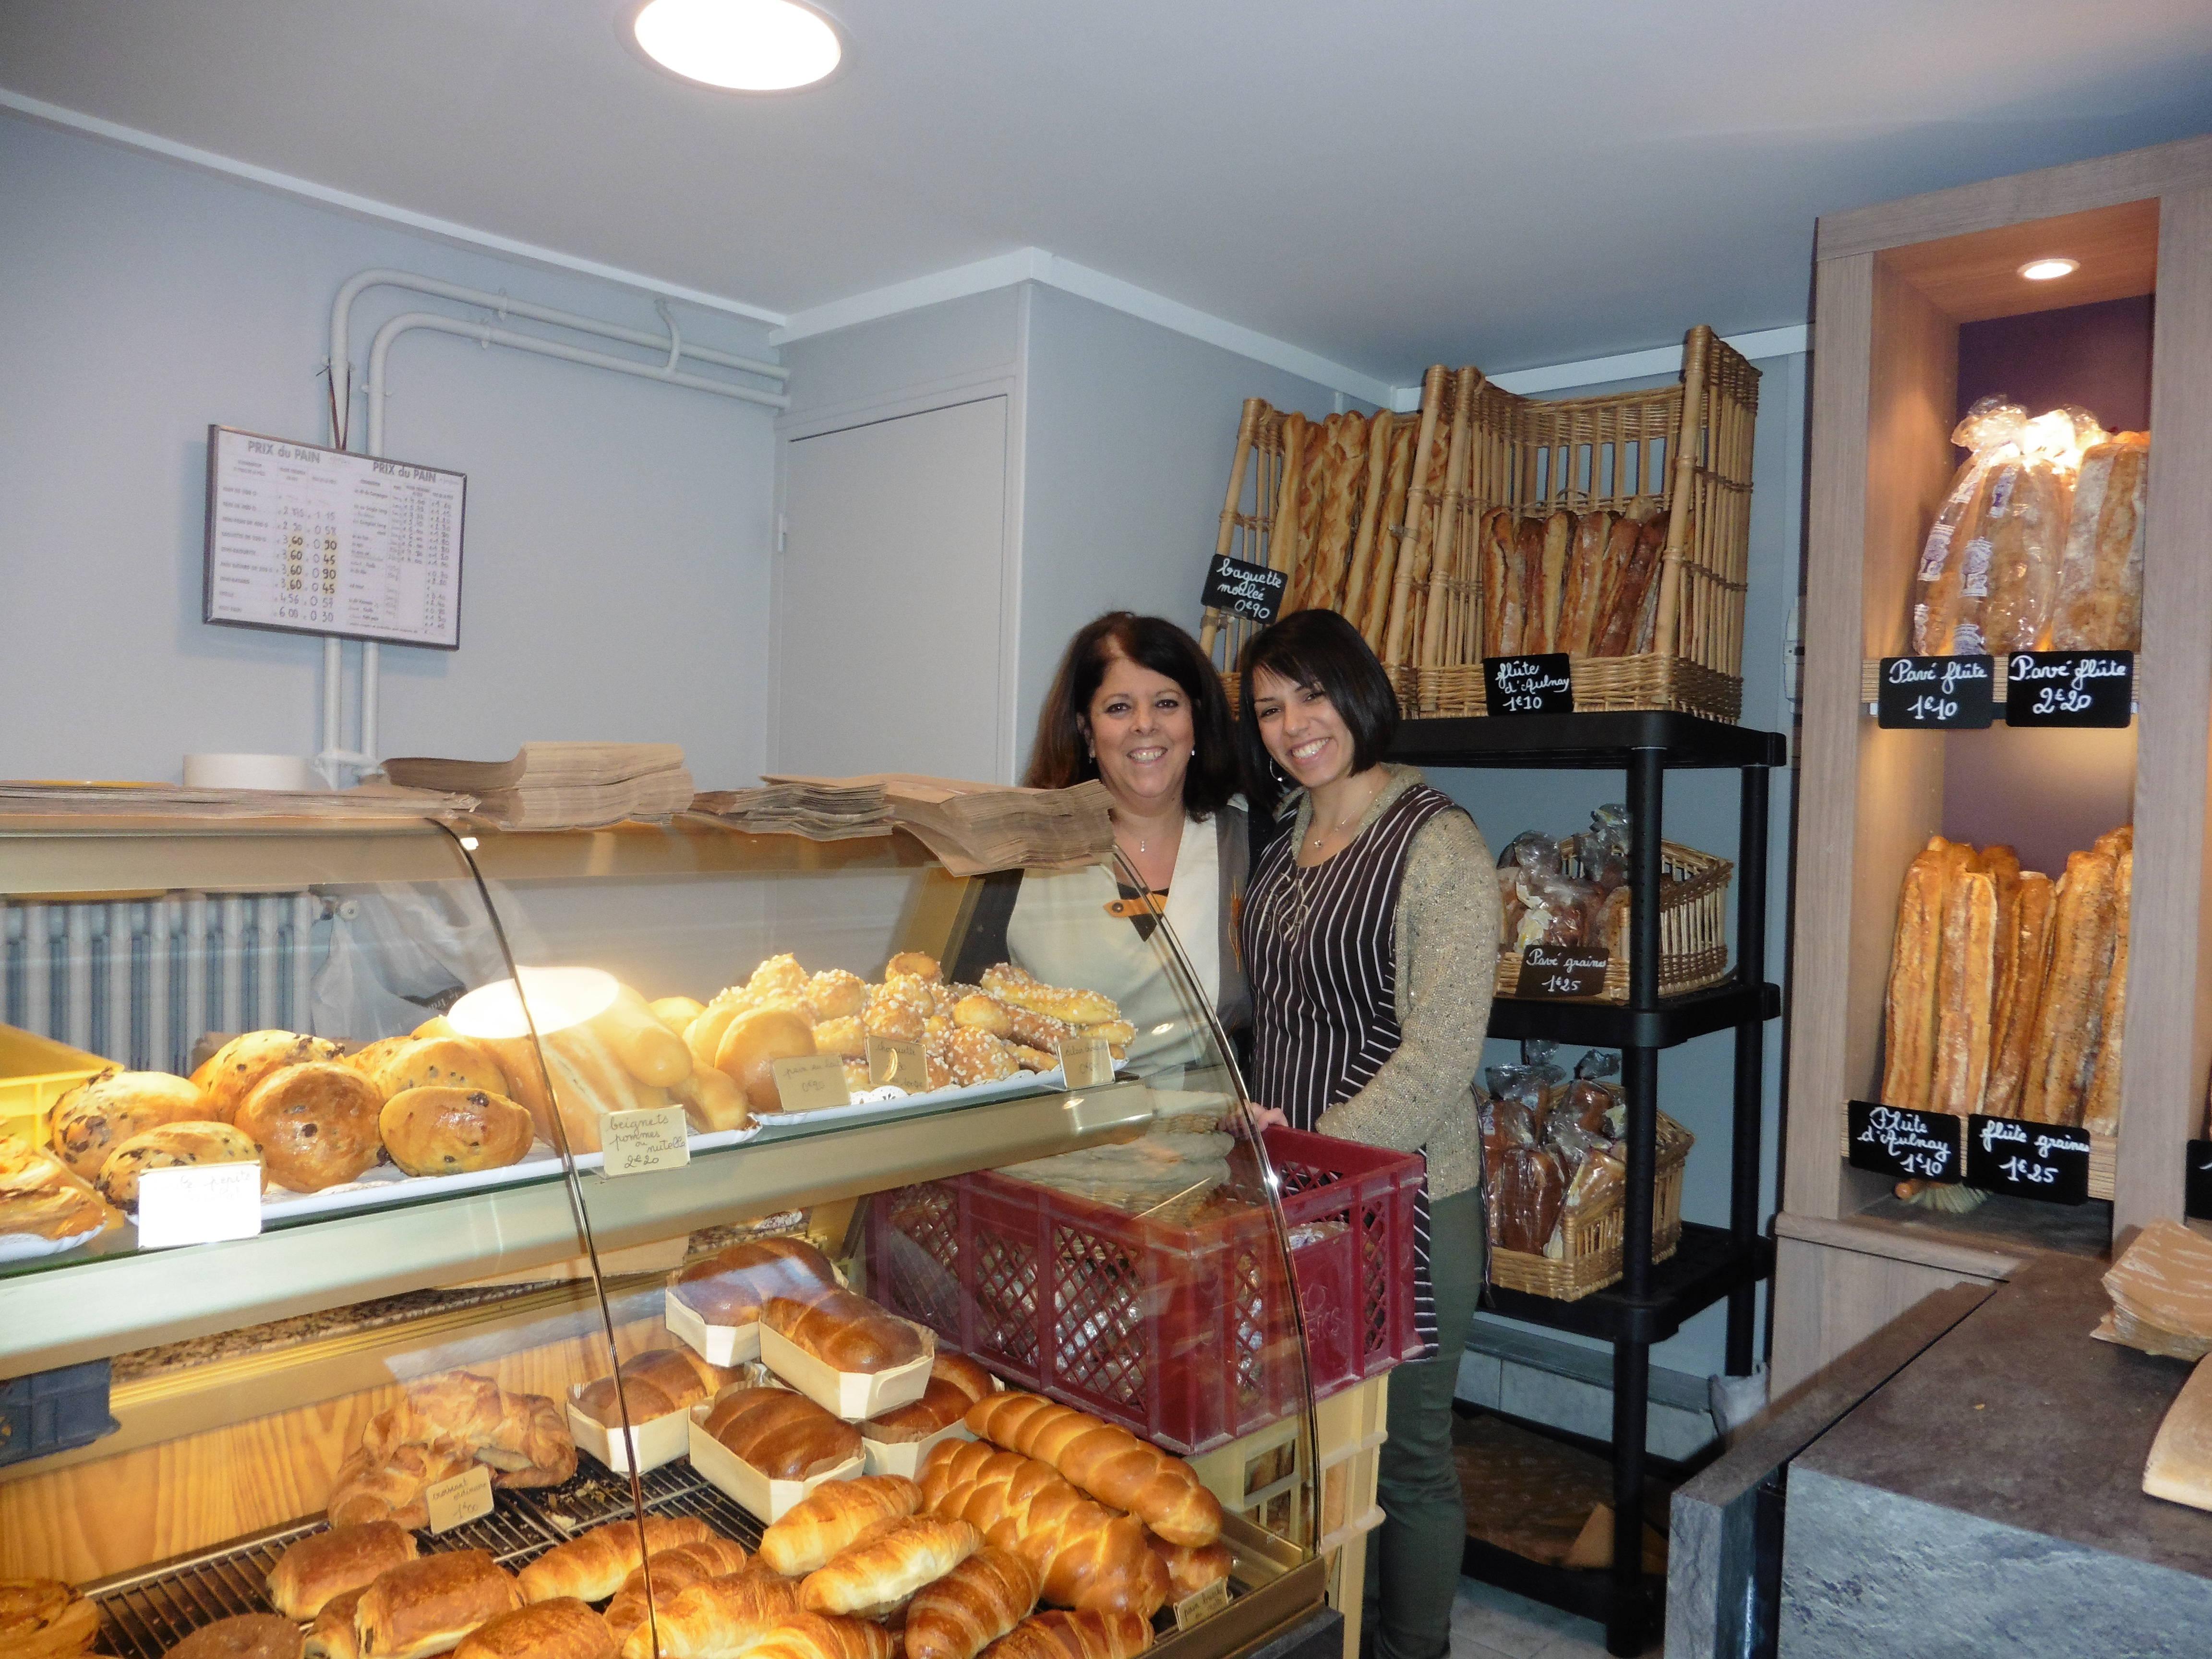 R ouverture de la boulangerie la gerbe de bl aulnay sous bois aulnaycap - Boulangerie fontenay sous bois ...